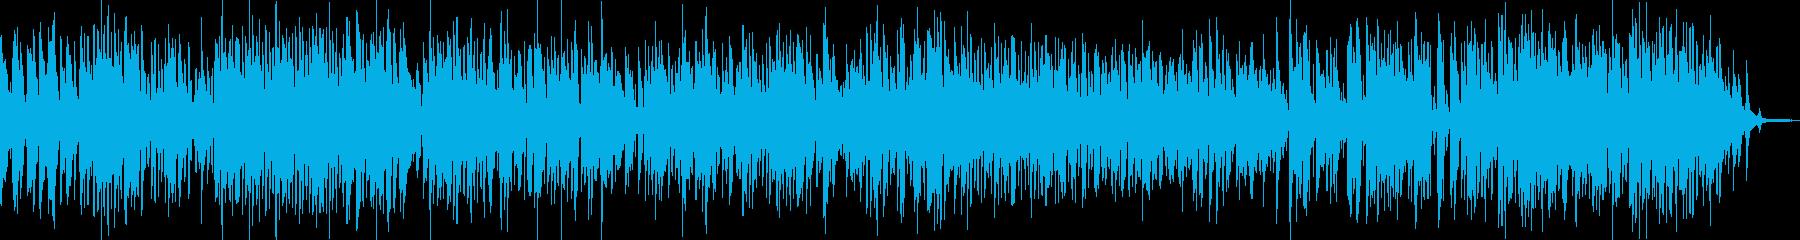 軽快で大人なアコースティックジャズの再生済みの波形